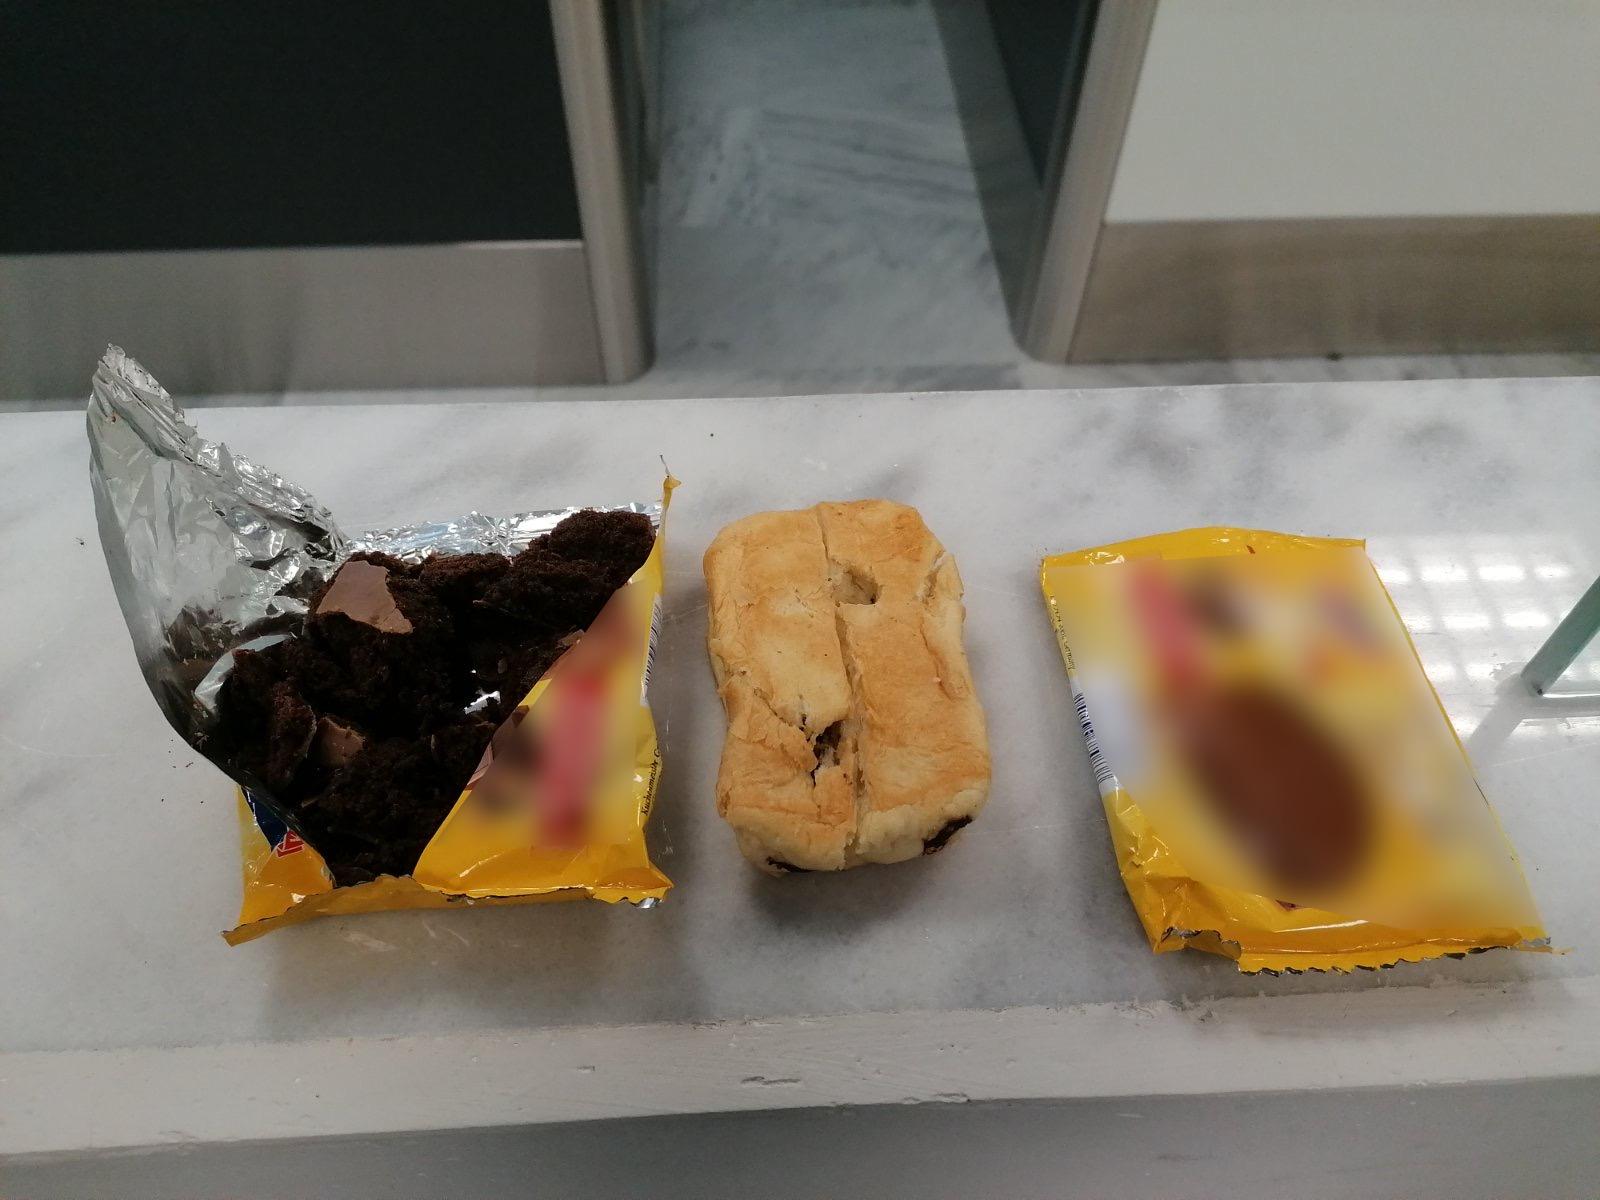 Αεροδρόμιο Καβάλας: Ήρθε από τη Γερμανία με ναρκωτικά [ΦΩΤΟ]